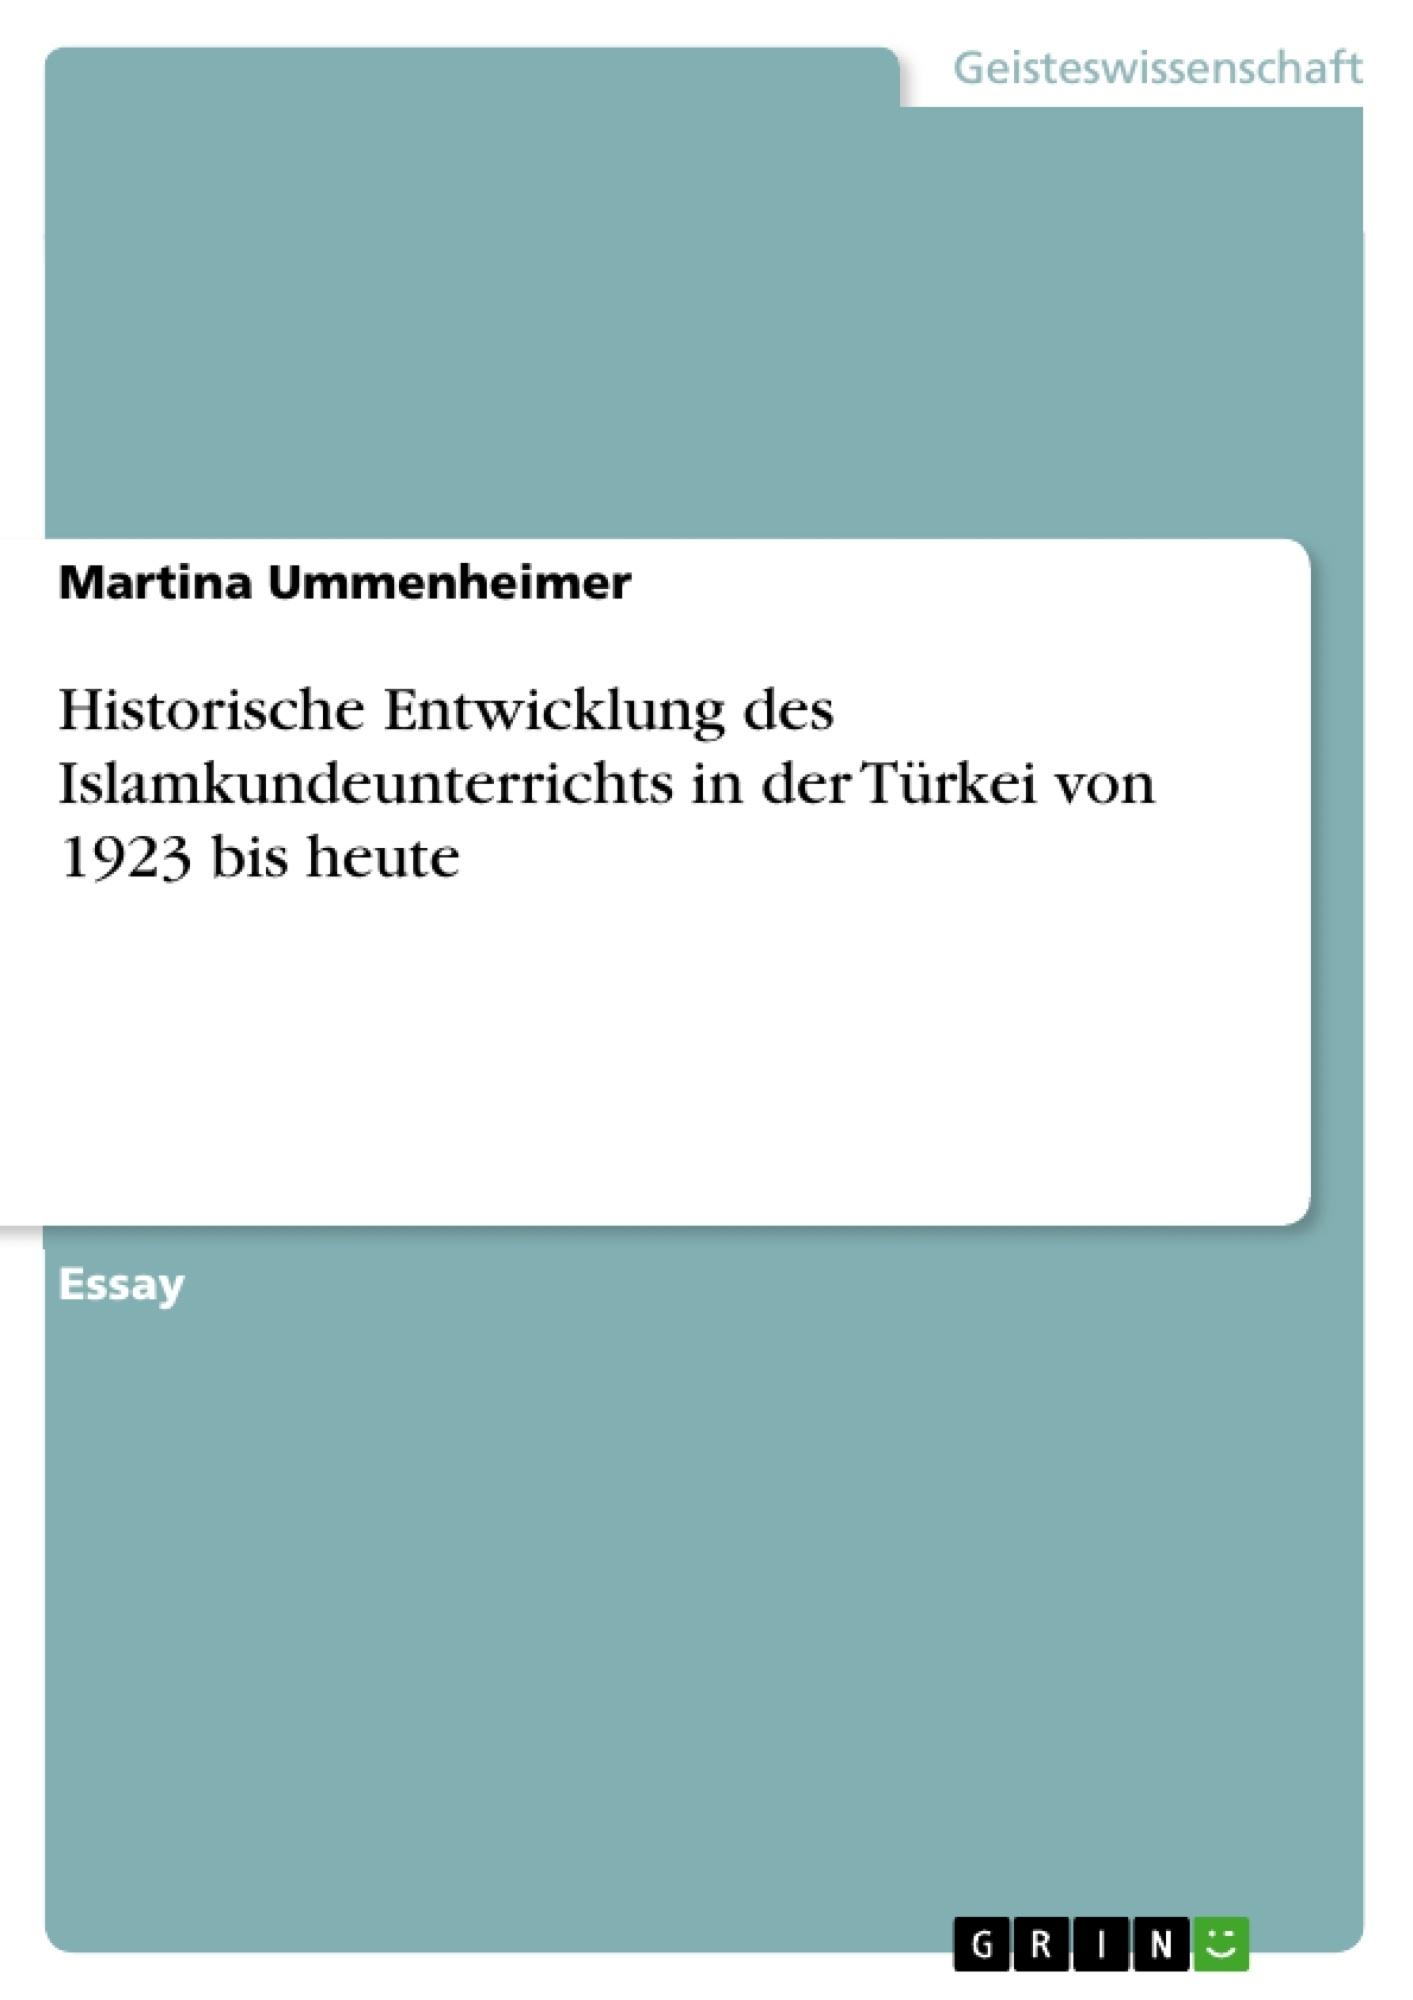 Titel: Historische Entwicklung des Islamkundeunterrichts in der Türkei von 1923 bis heute